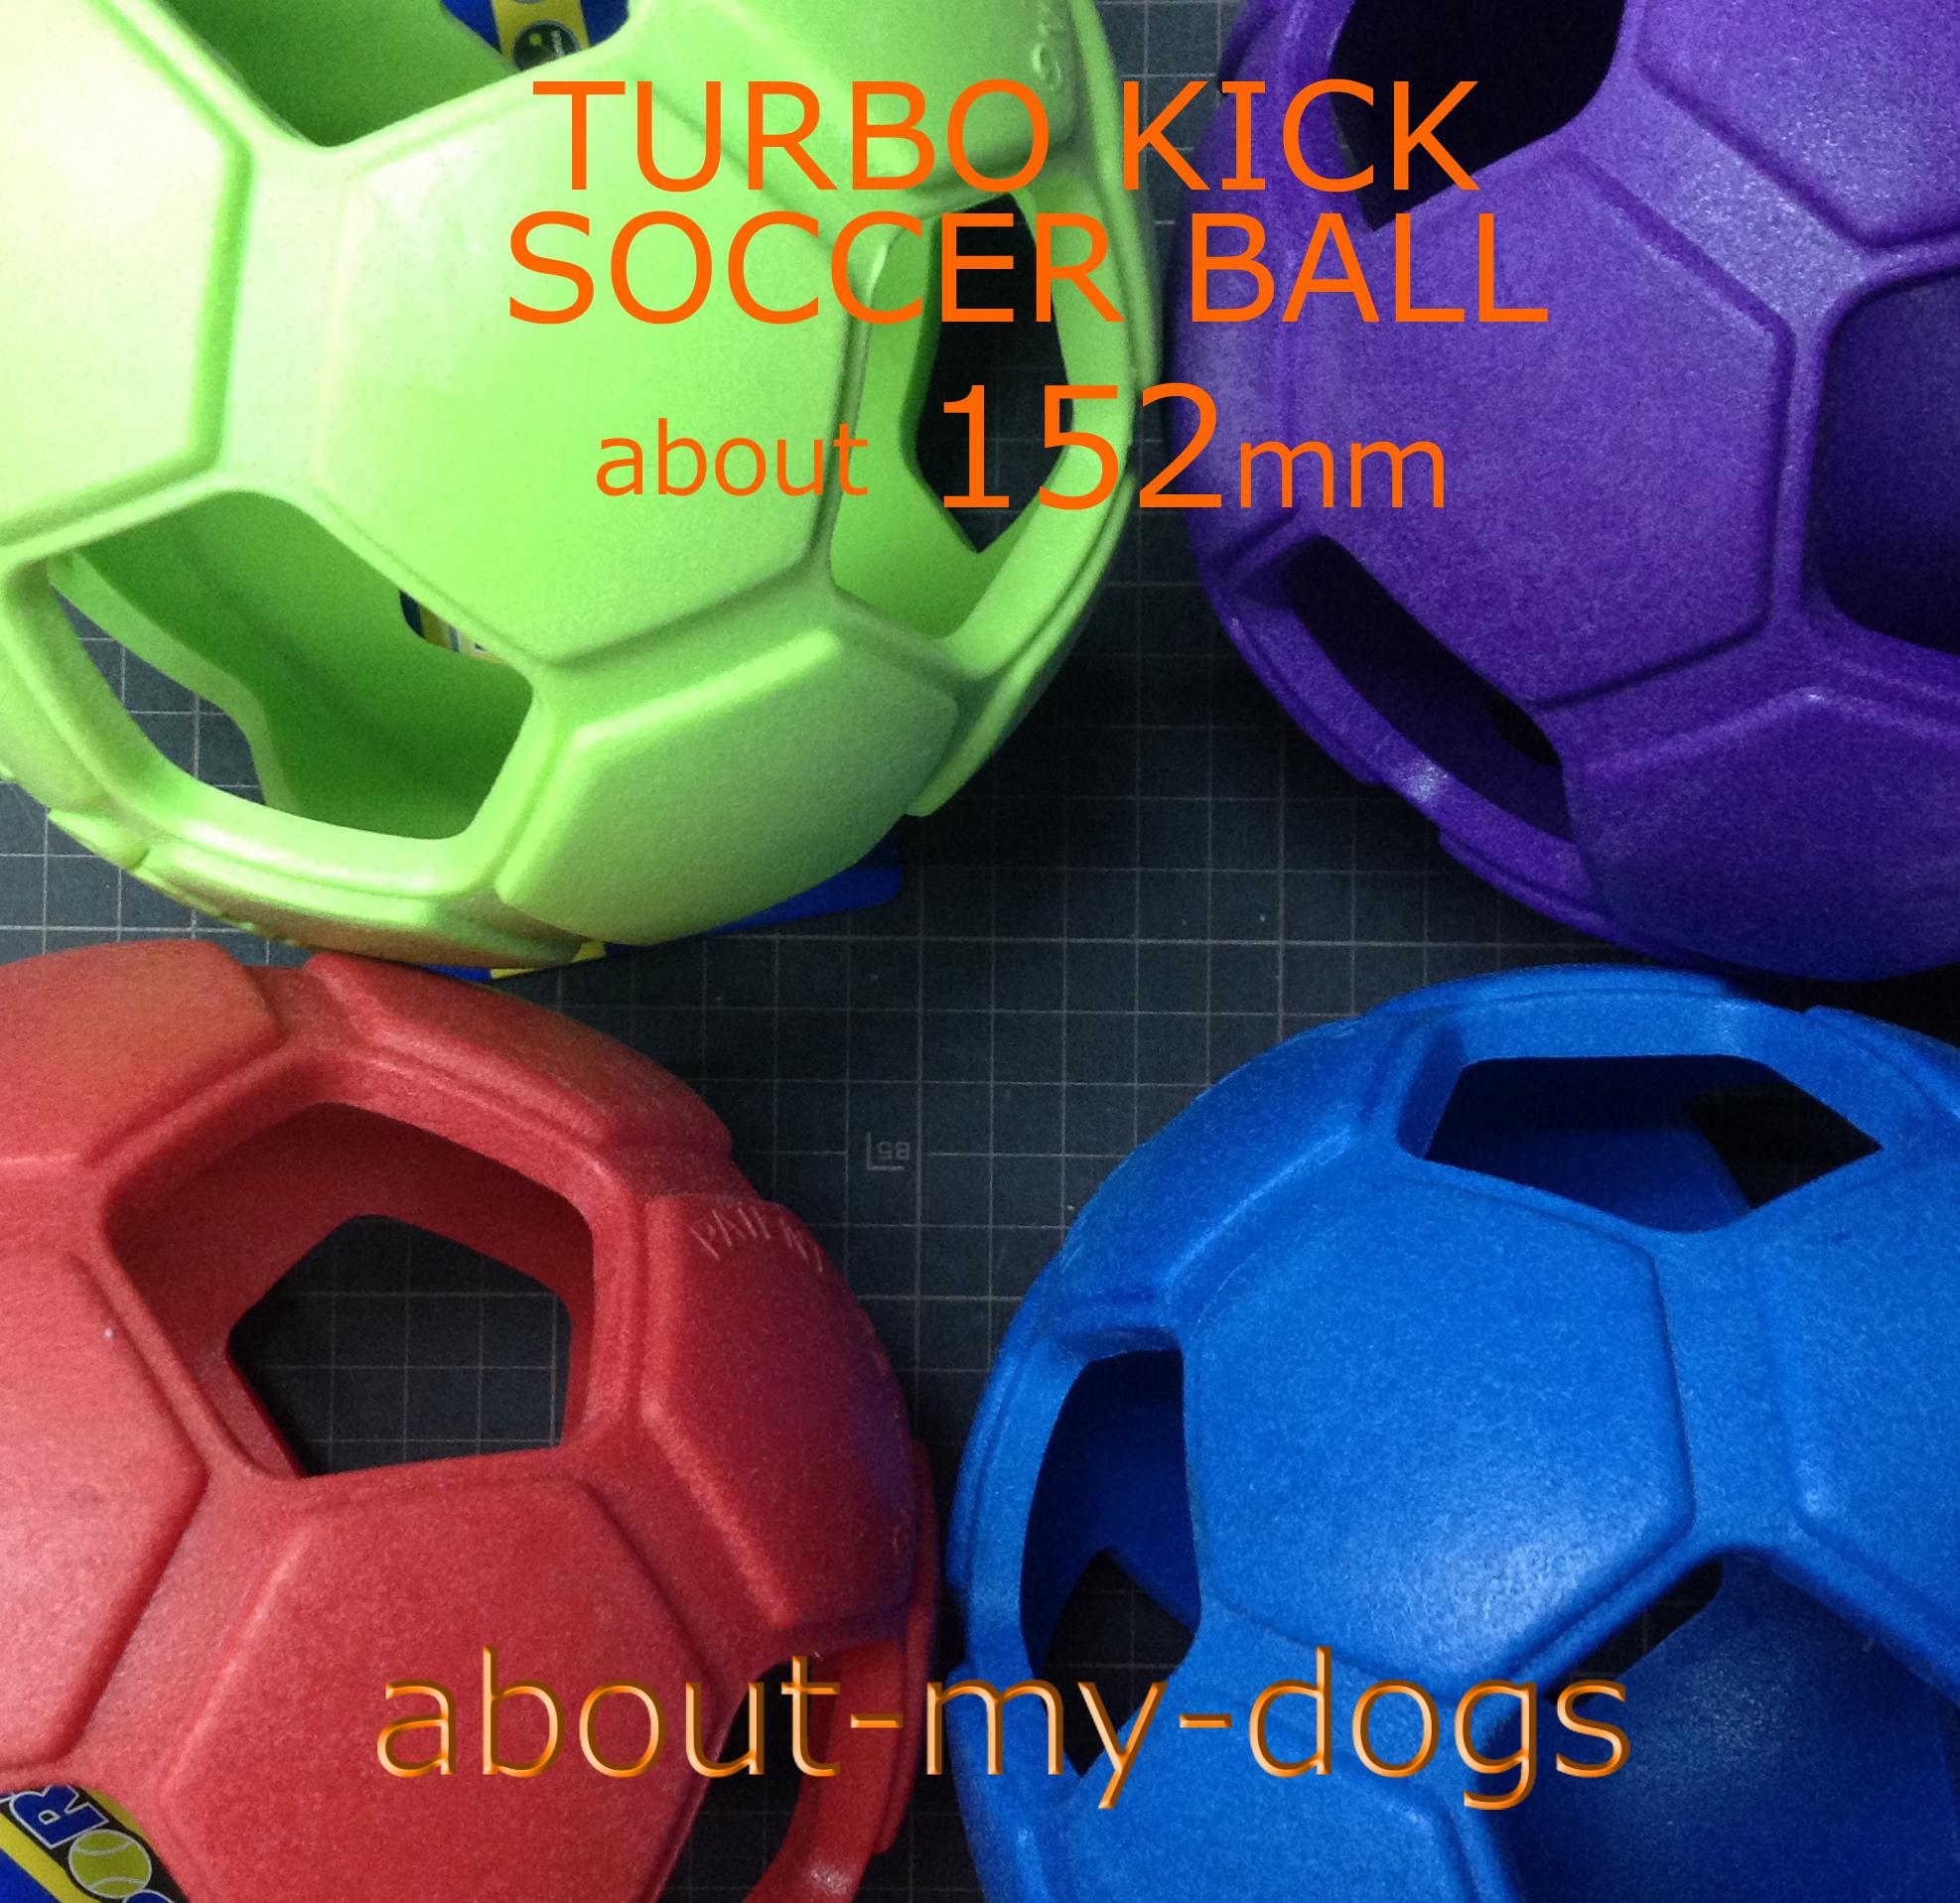 丈夫なサッカーボール15cm